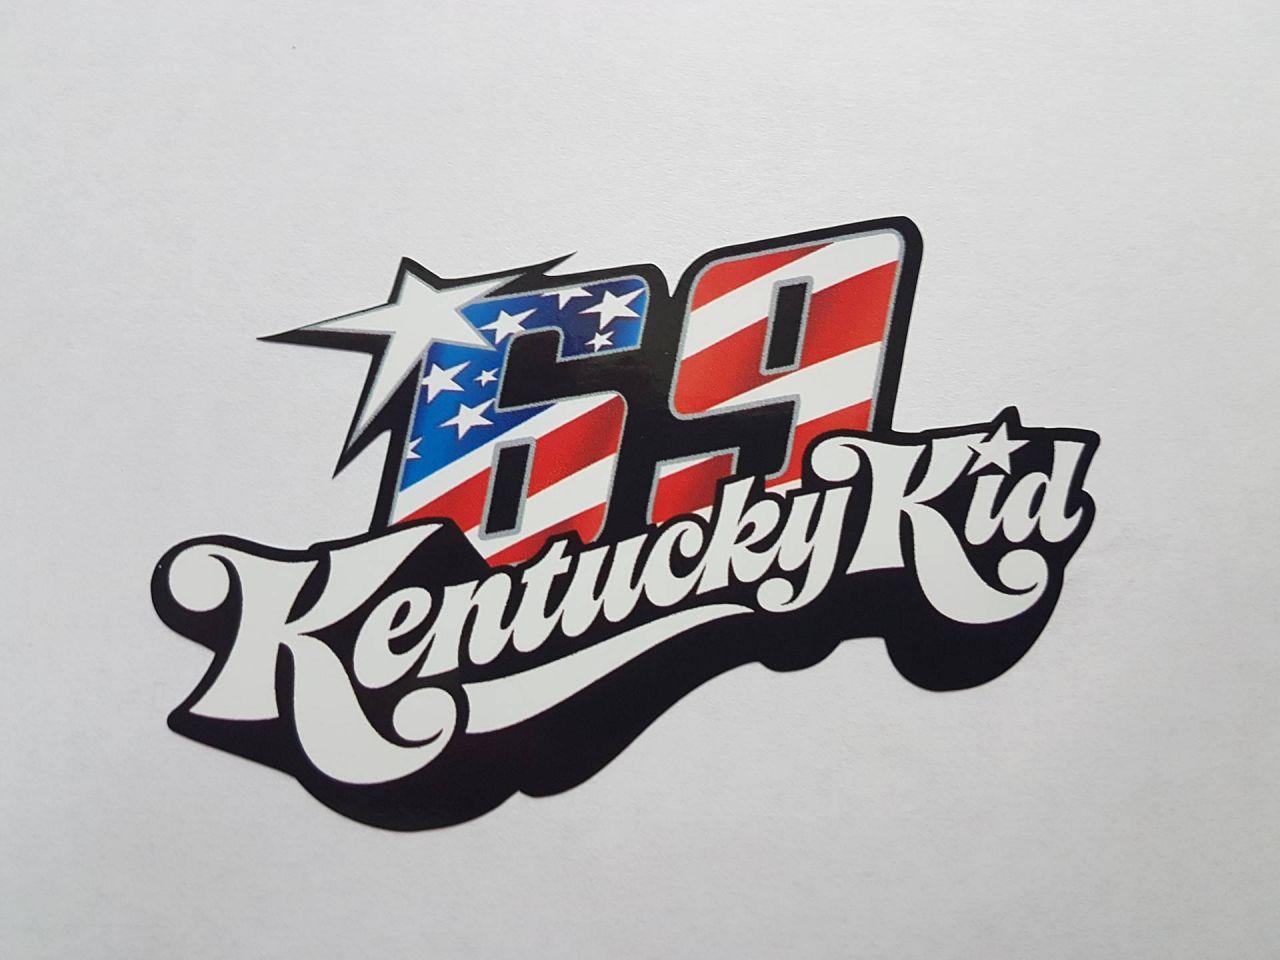 Nicky Hayden 69 Kentucky Kid Motogp Weltmeister